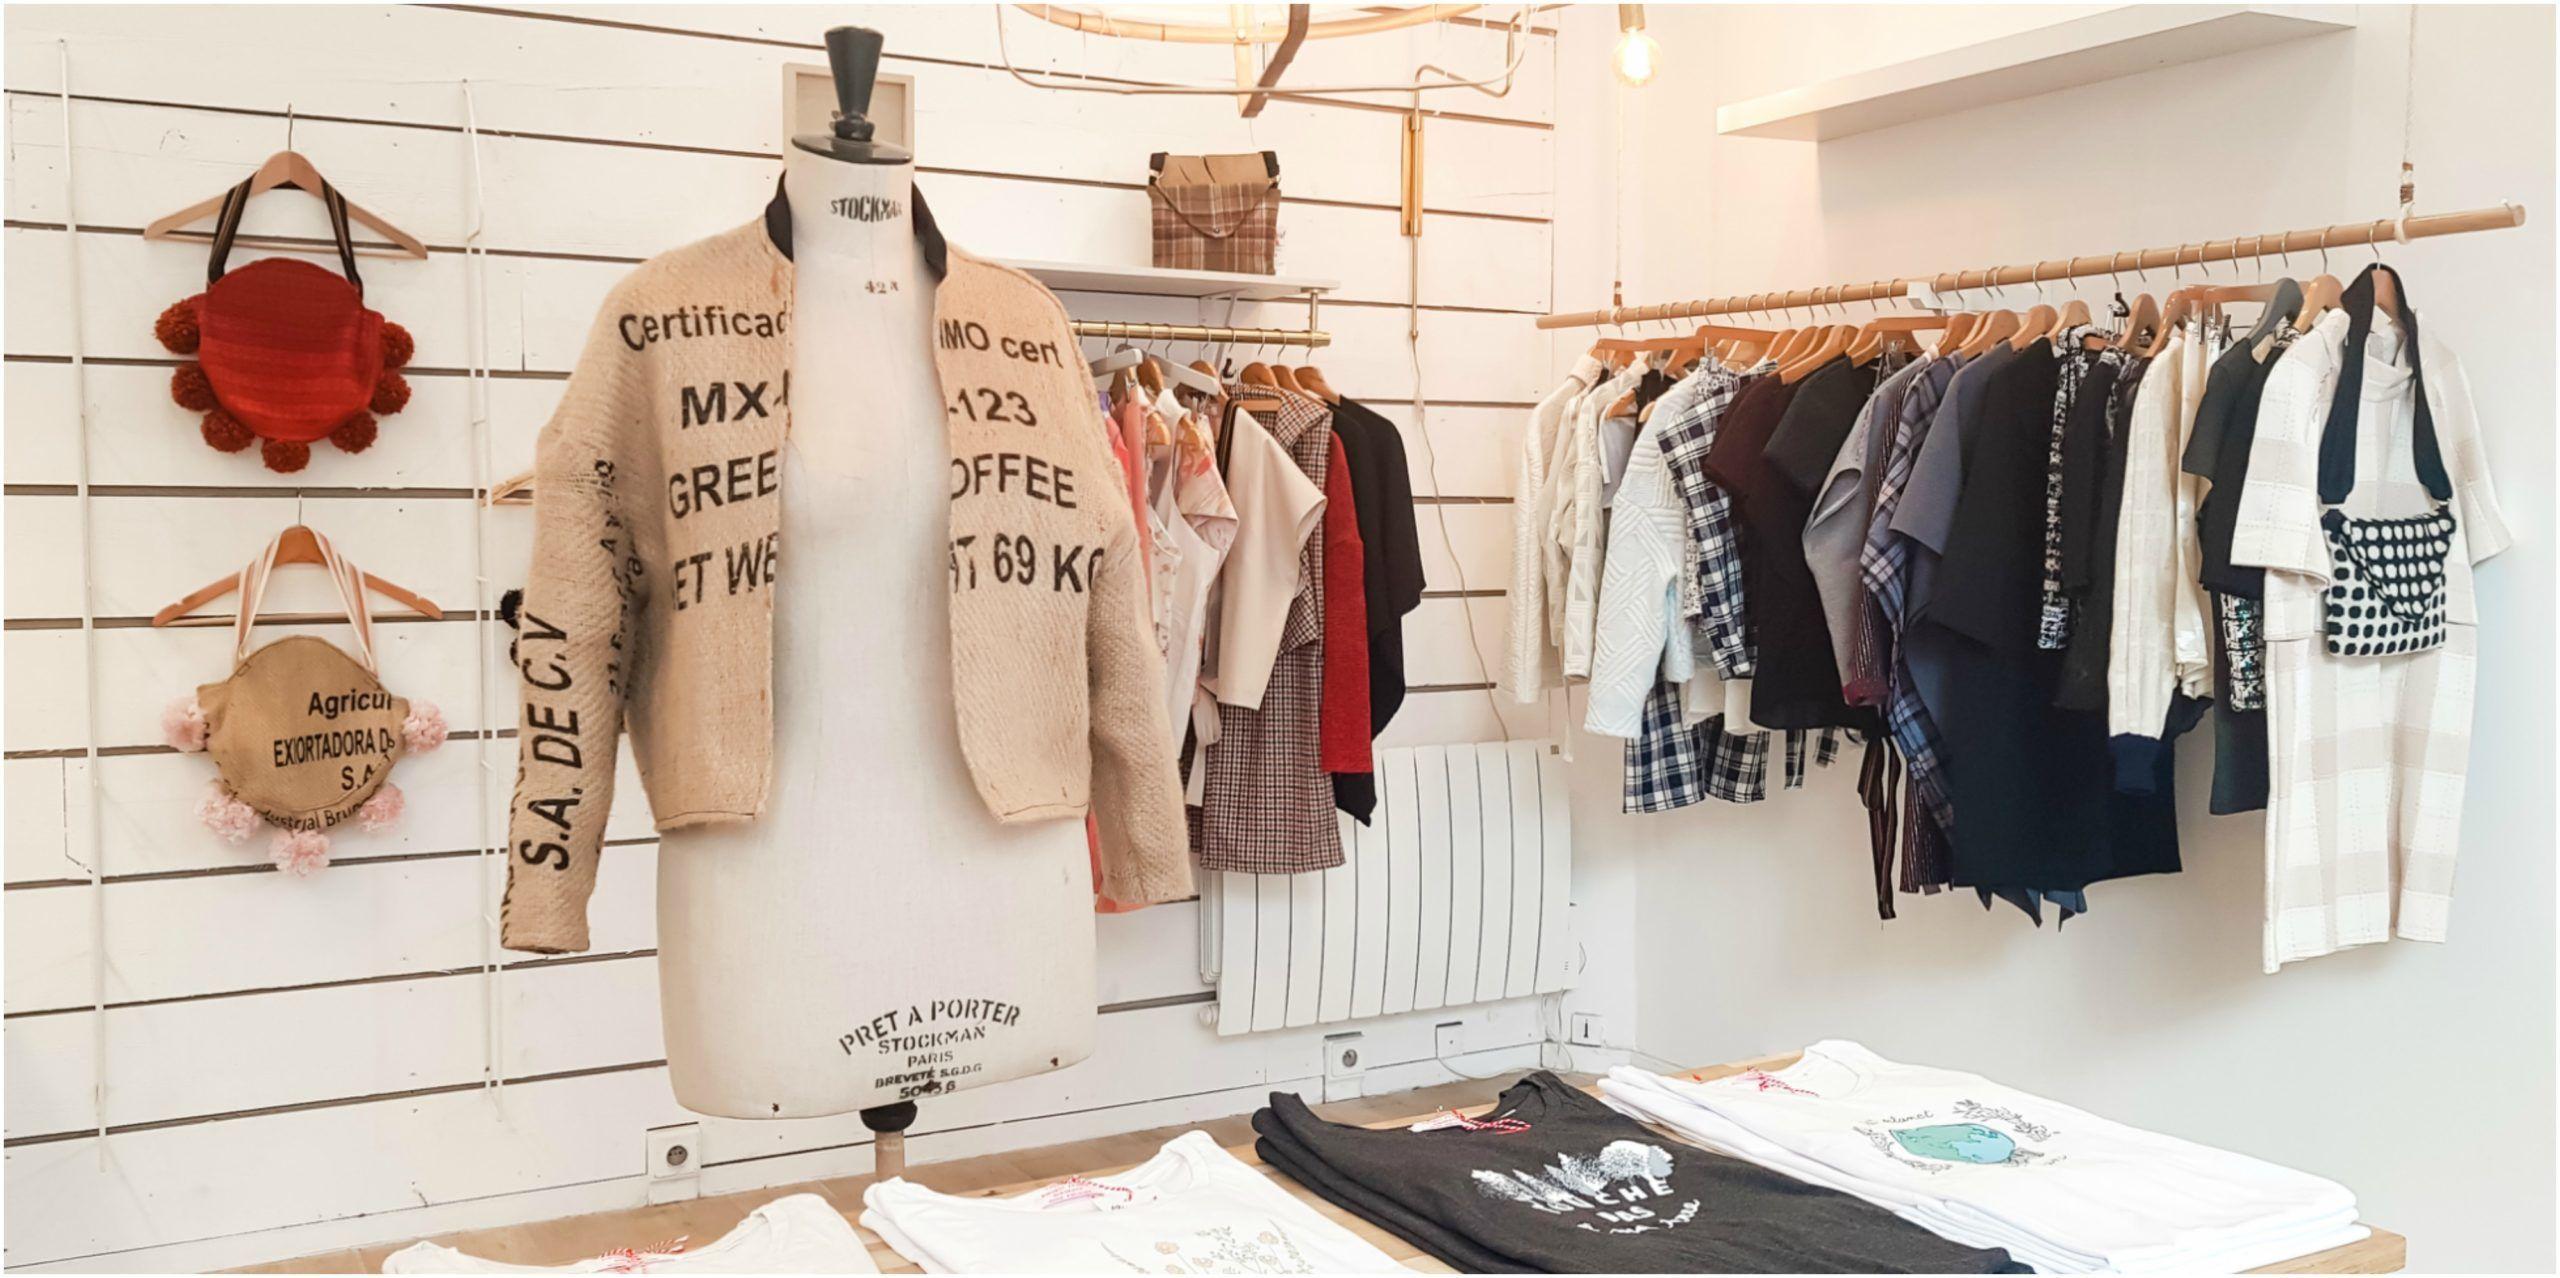 Vêtements éthiques et made in France à Bordeaux